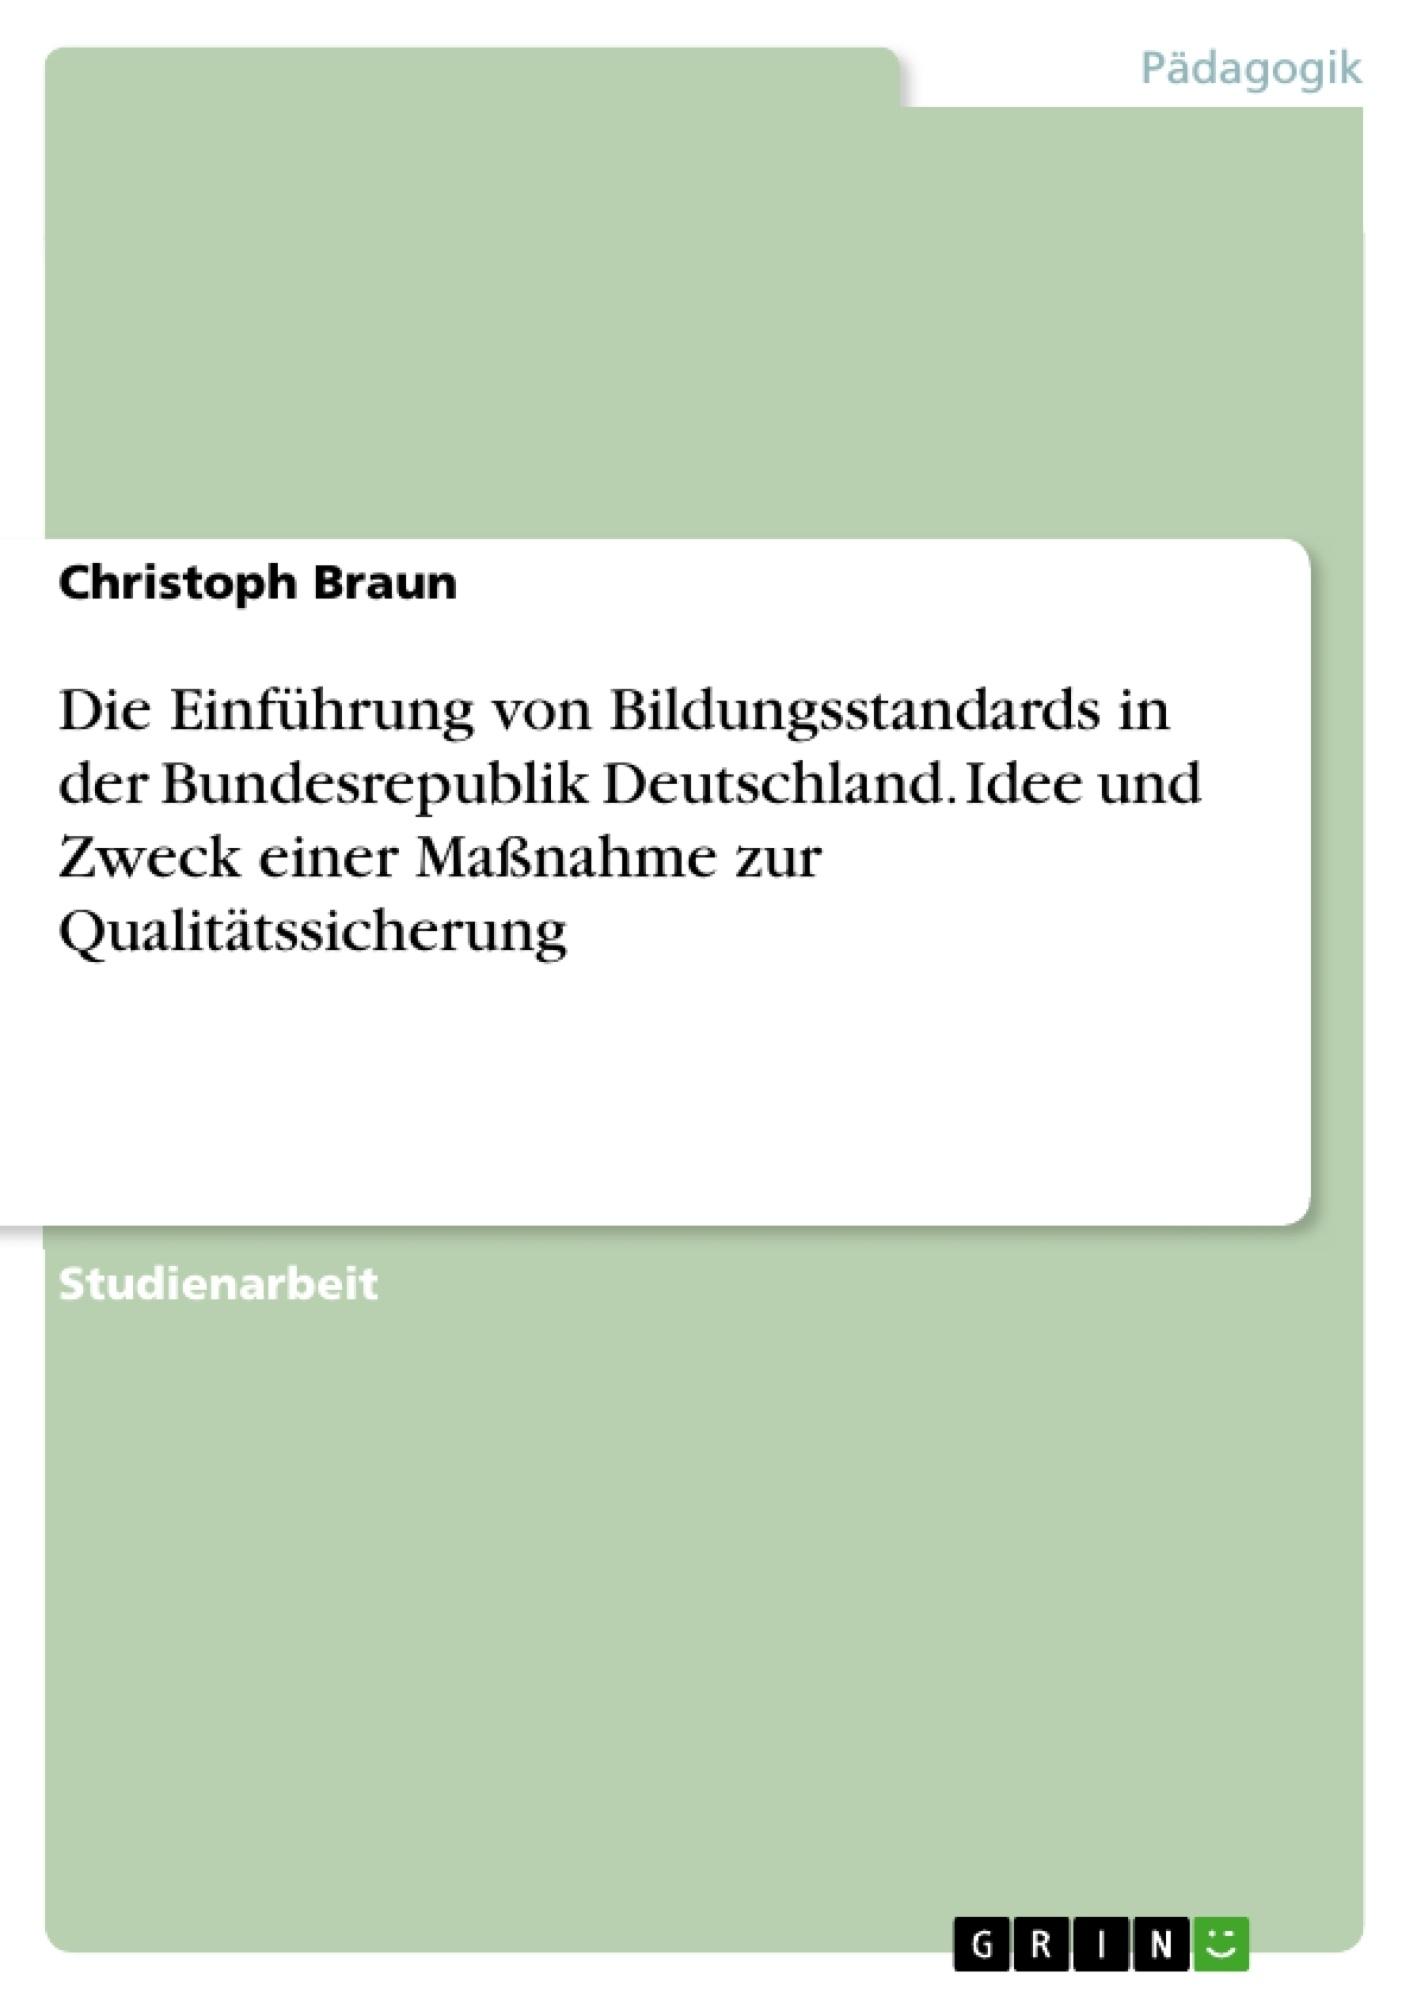 Titel: Die Einführung von Bildungsstandards in der Bundesrepublik Deutschland. Idee und Zweck einer Maßnahme zur Qualitätssicherung